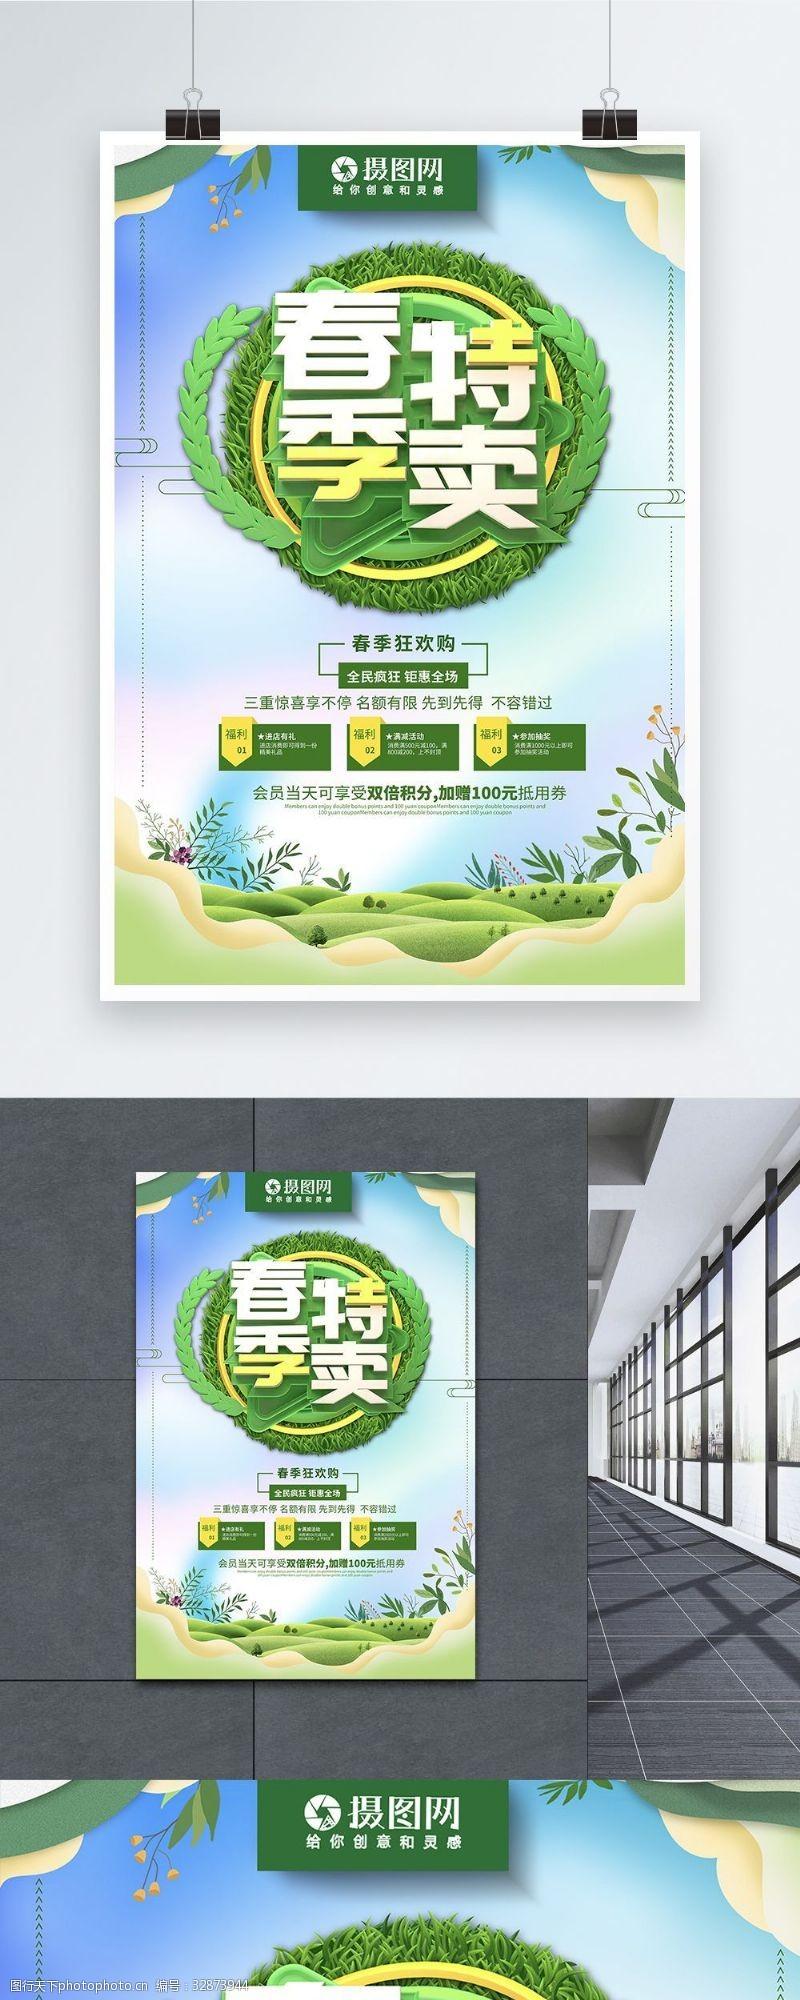 简约立体春季特卖促销活动海报